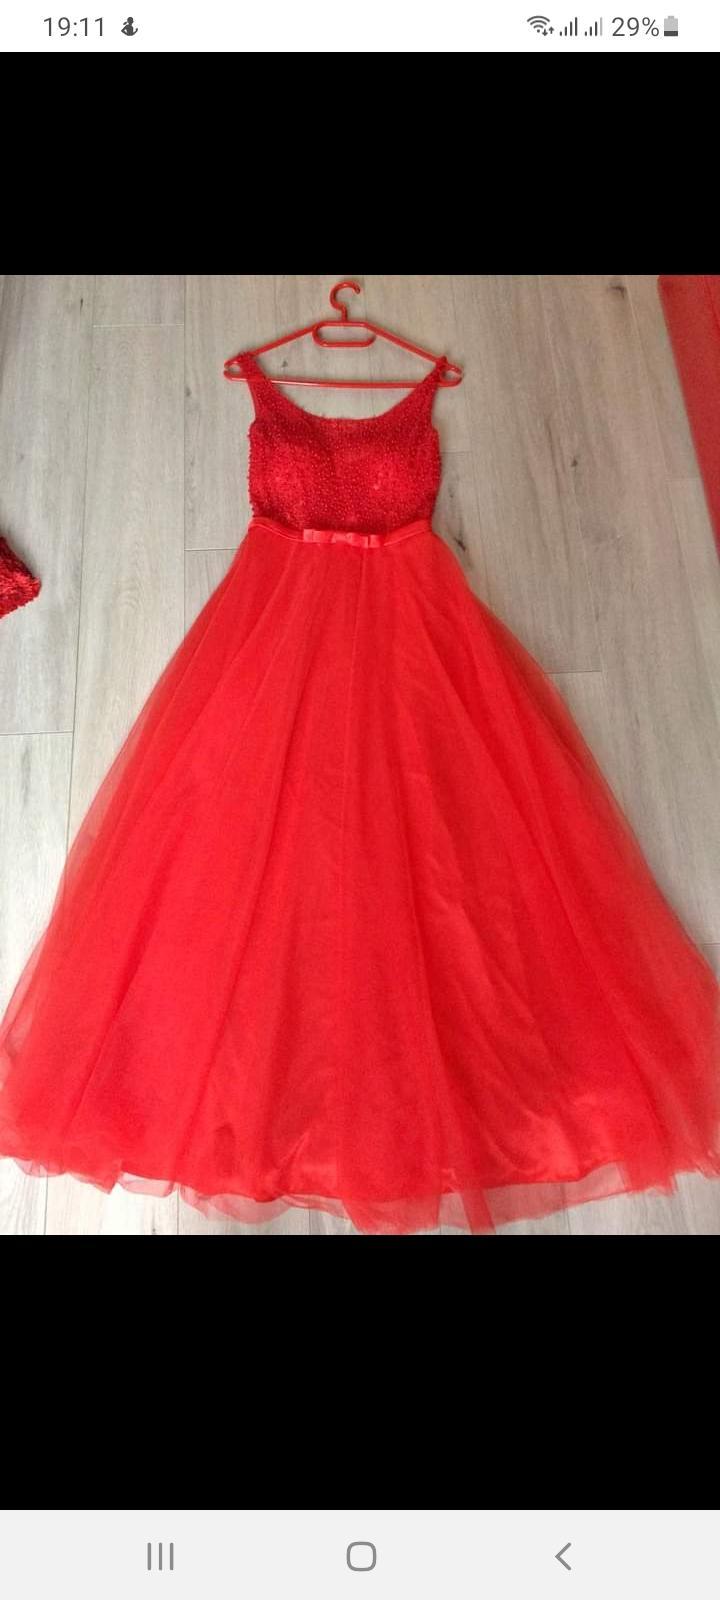 Červené dlouhé šaty, vel..S - Obrázek č. 1